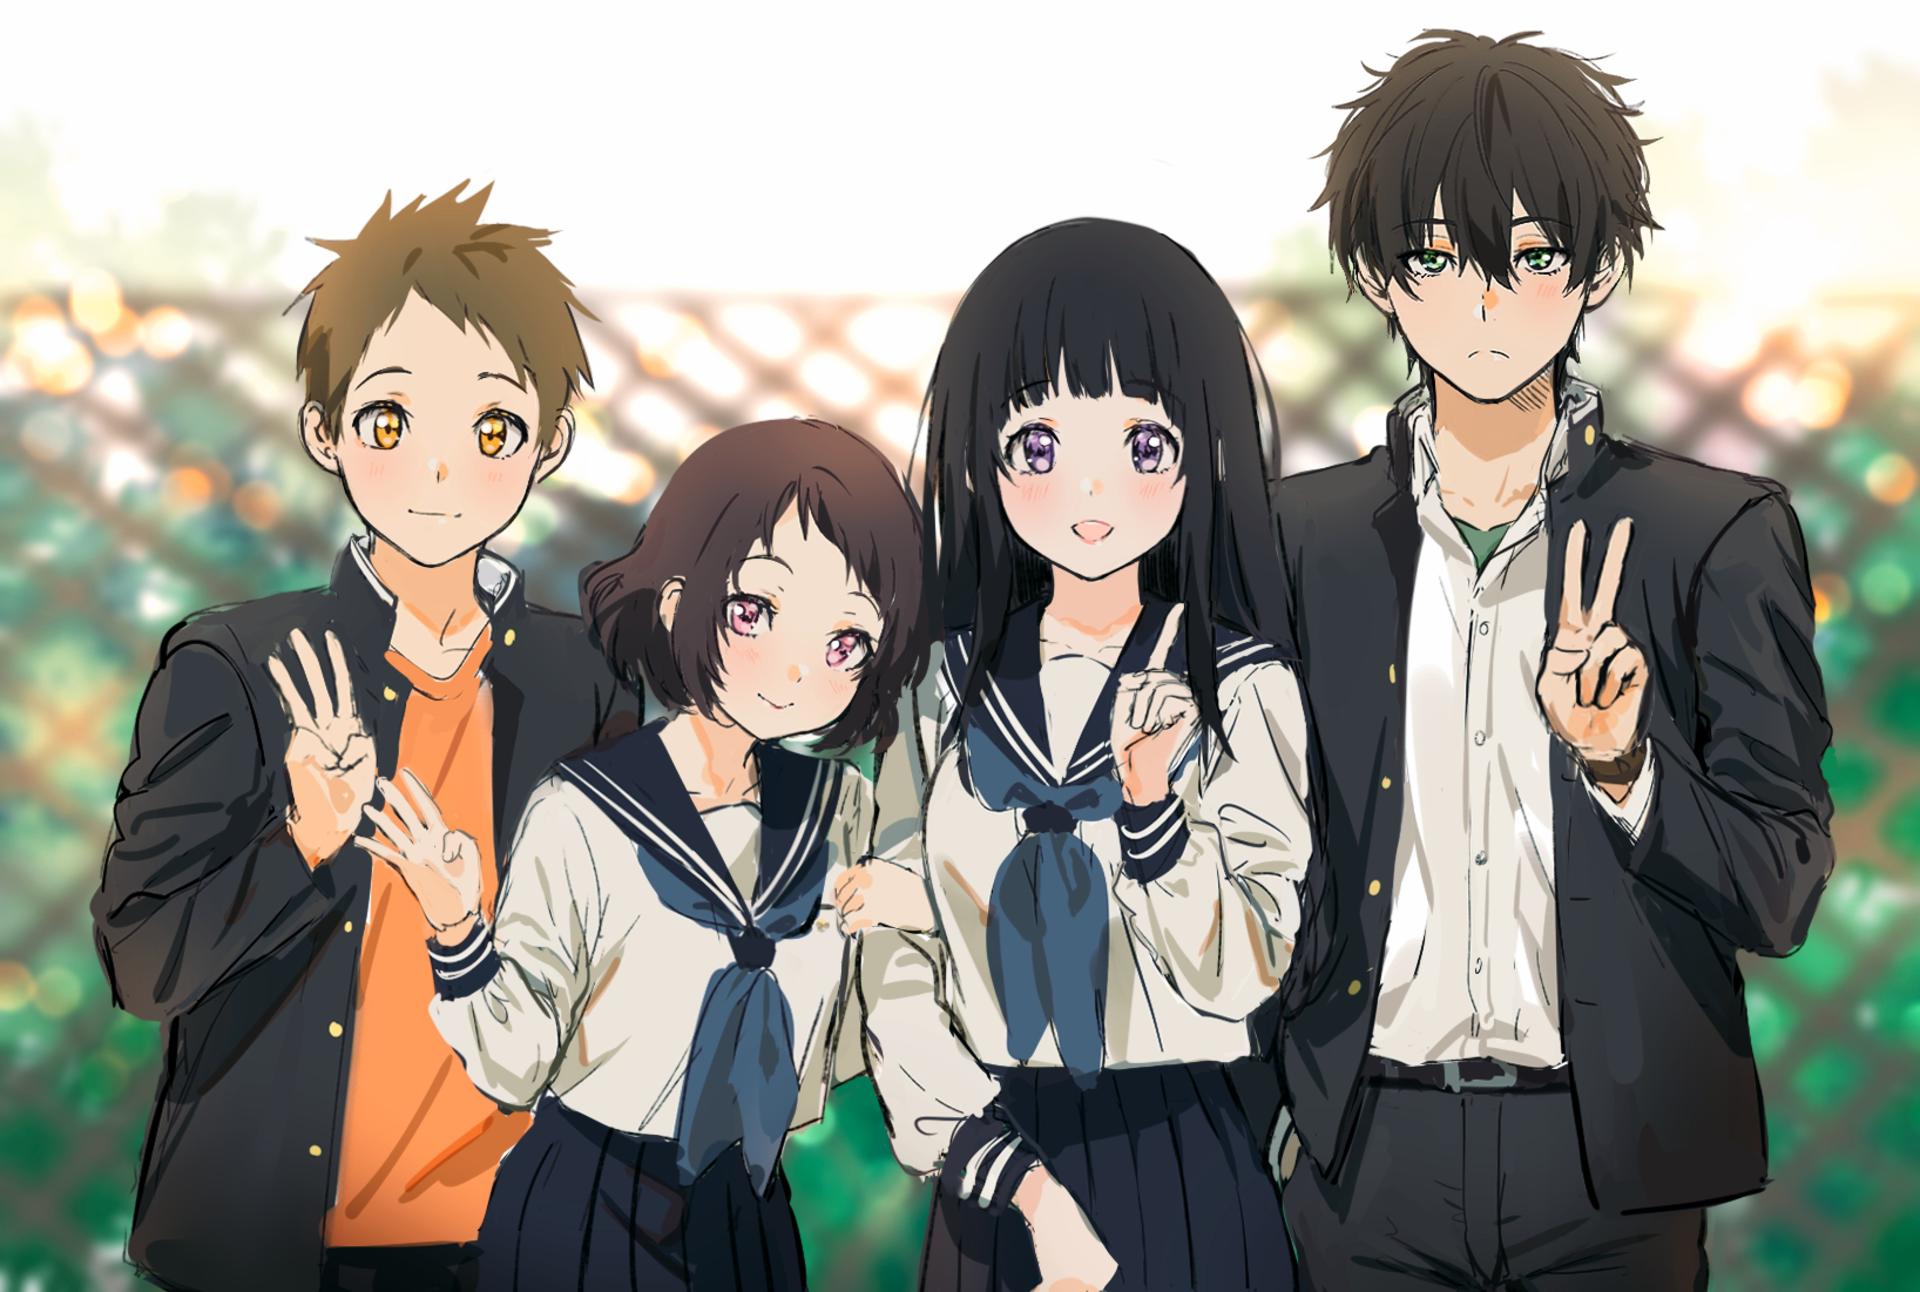 Hyouka Season 2